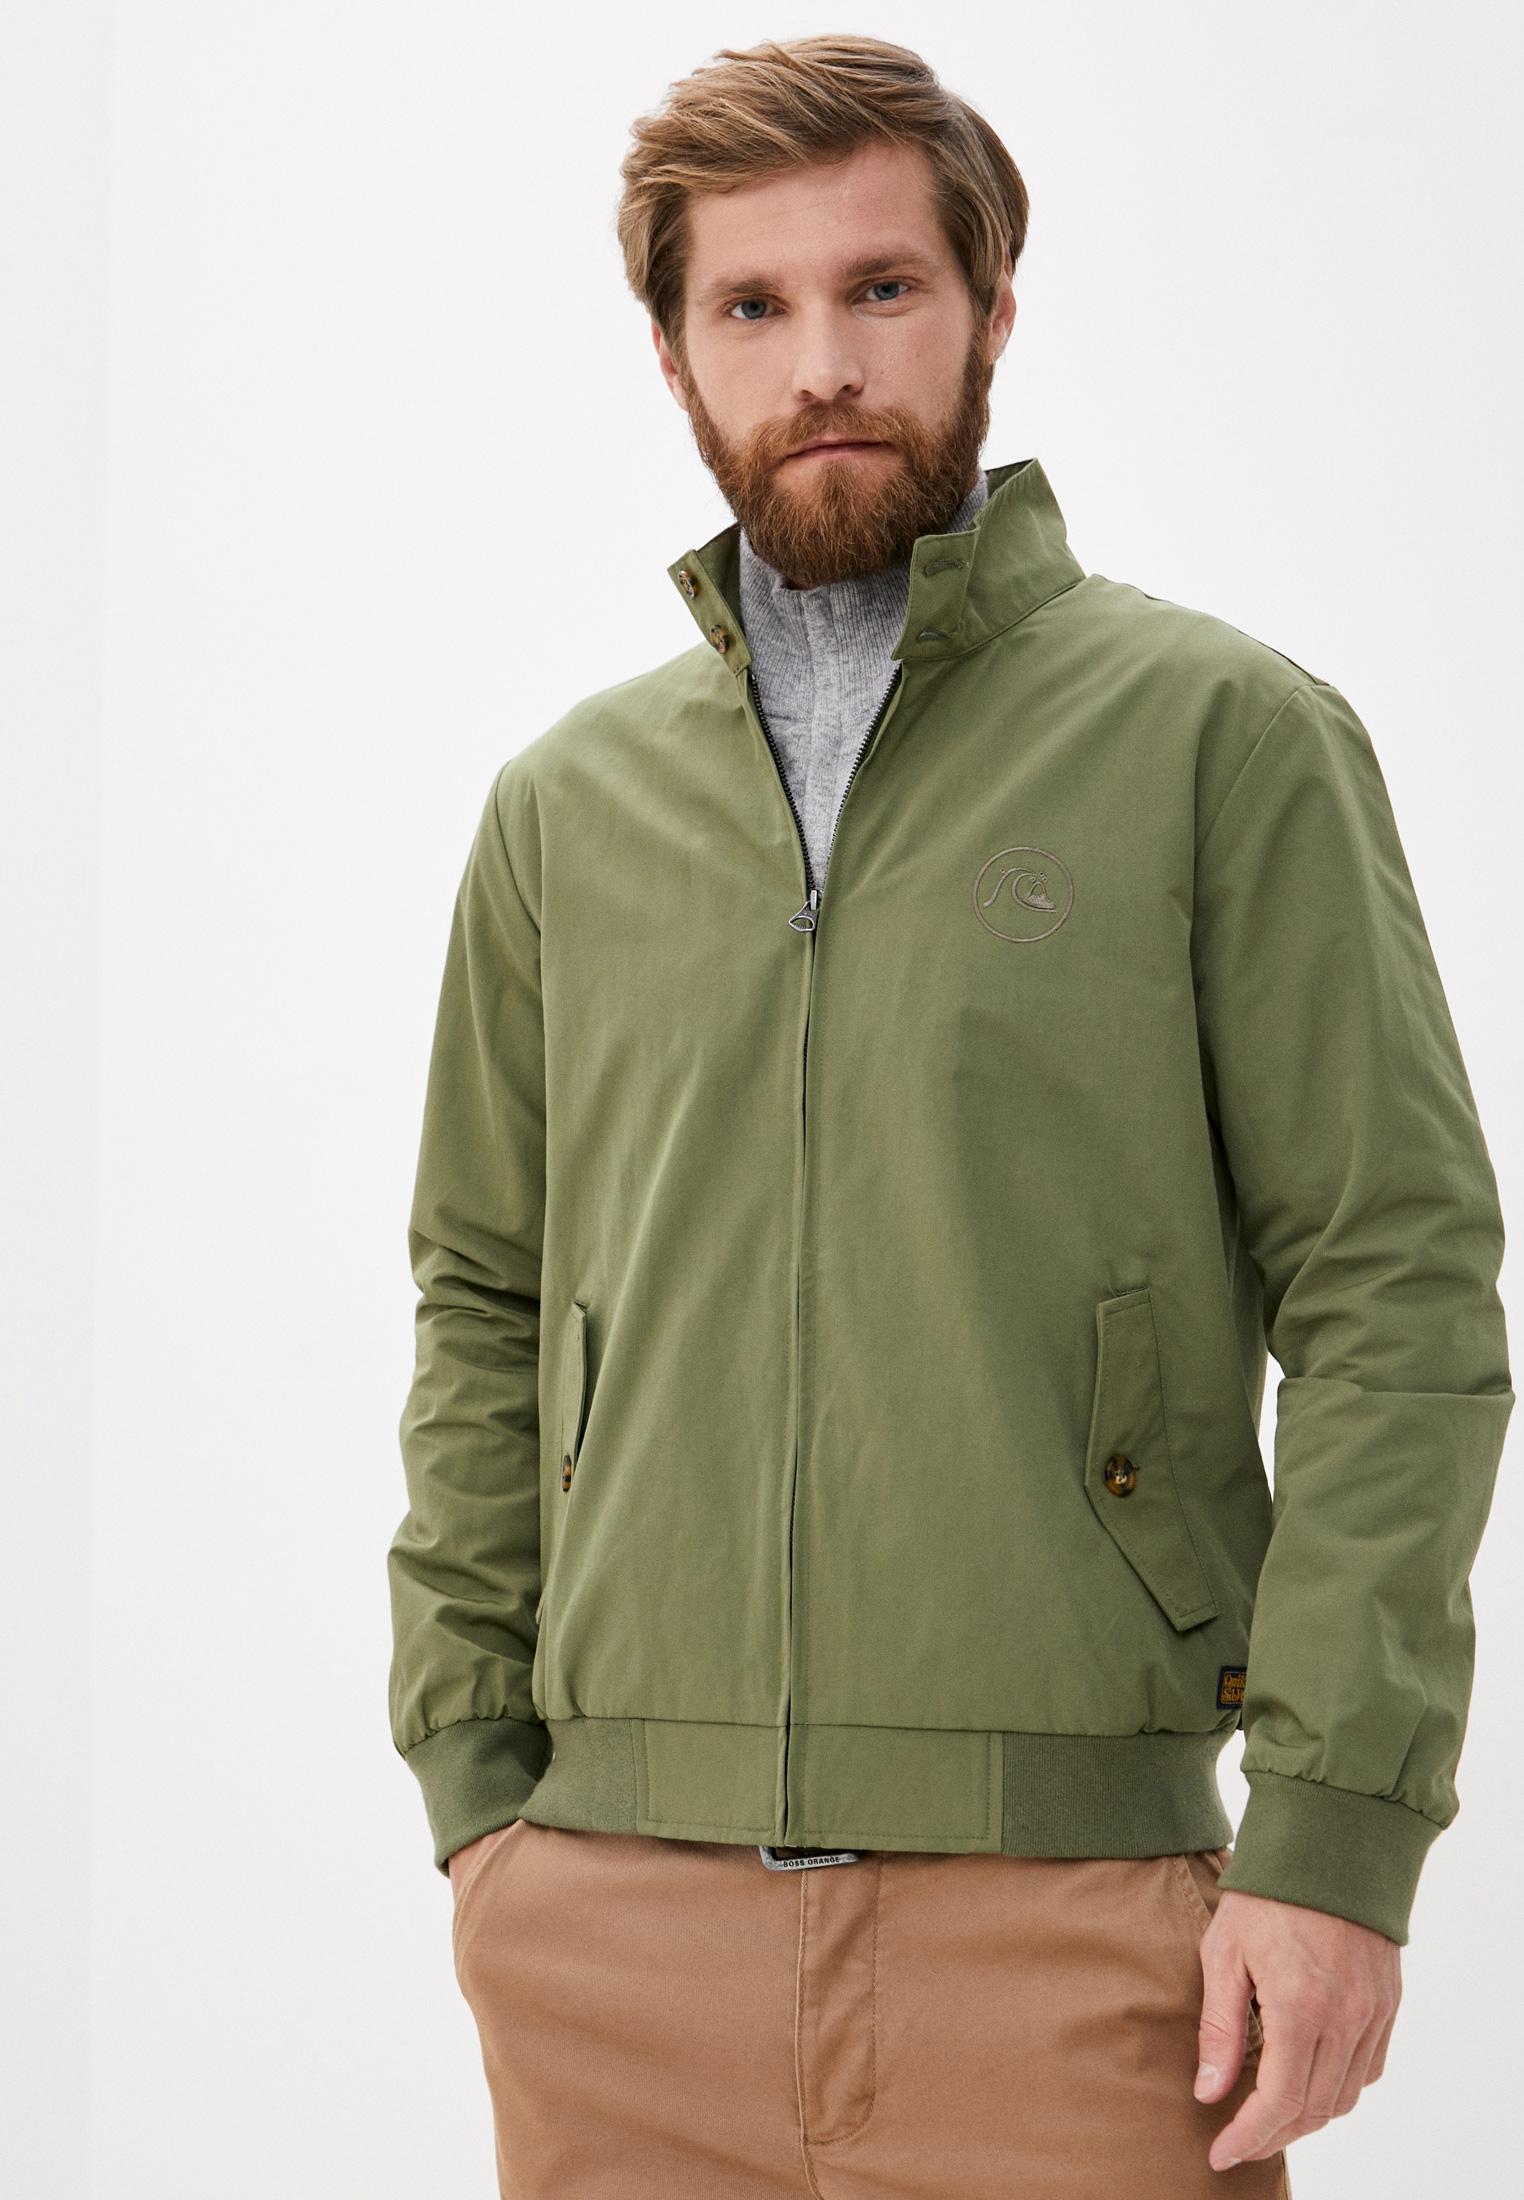 Мужская верхняя одежда Quiksilver (Квиксильвер) Куртка Quiksilver